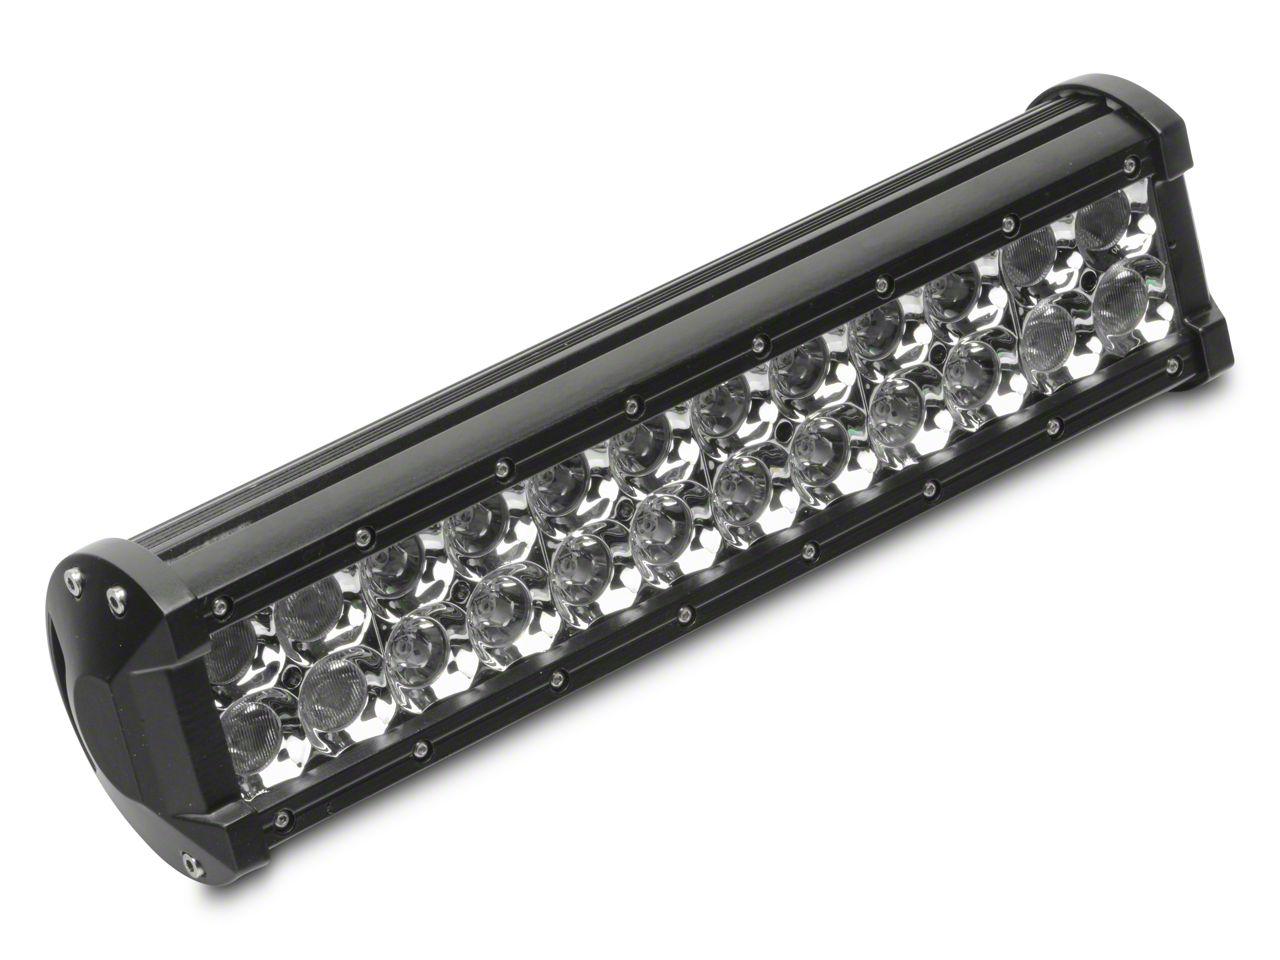 Alteon 13 in. 5 Series LED Light Bar - 8 Degree Spot Beam